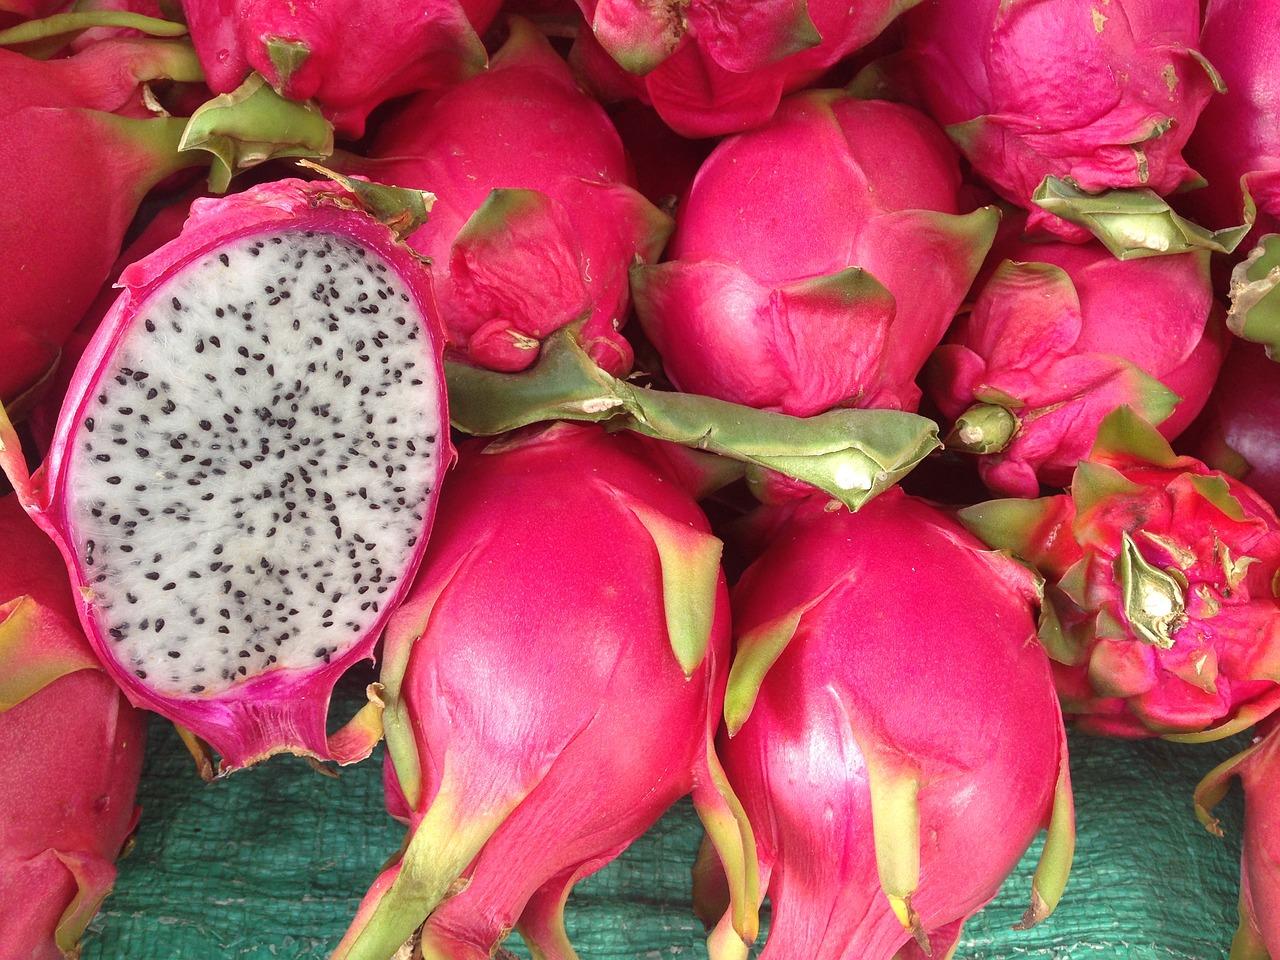 「食力」含鐵量更勝櫻桃!火龍果消暑又養生,外形渾圓飽滿最佳